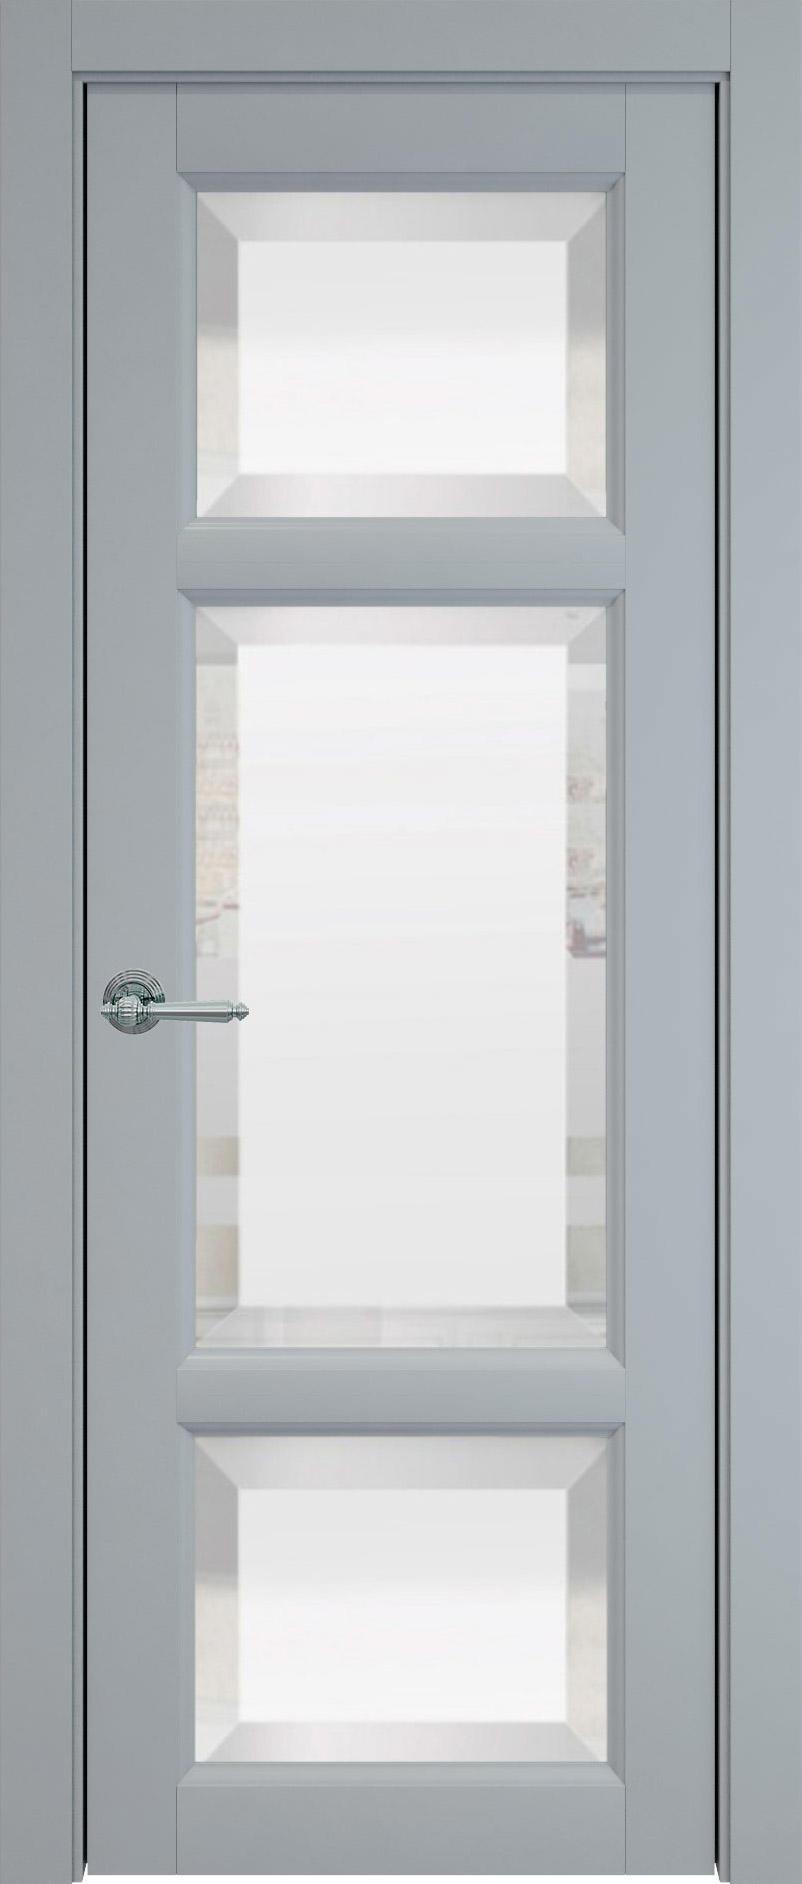 Siena цвет - Серебристо-серая эмаль (RAL 7045) Со стеклом (ДО)